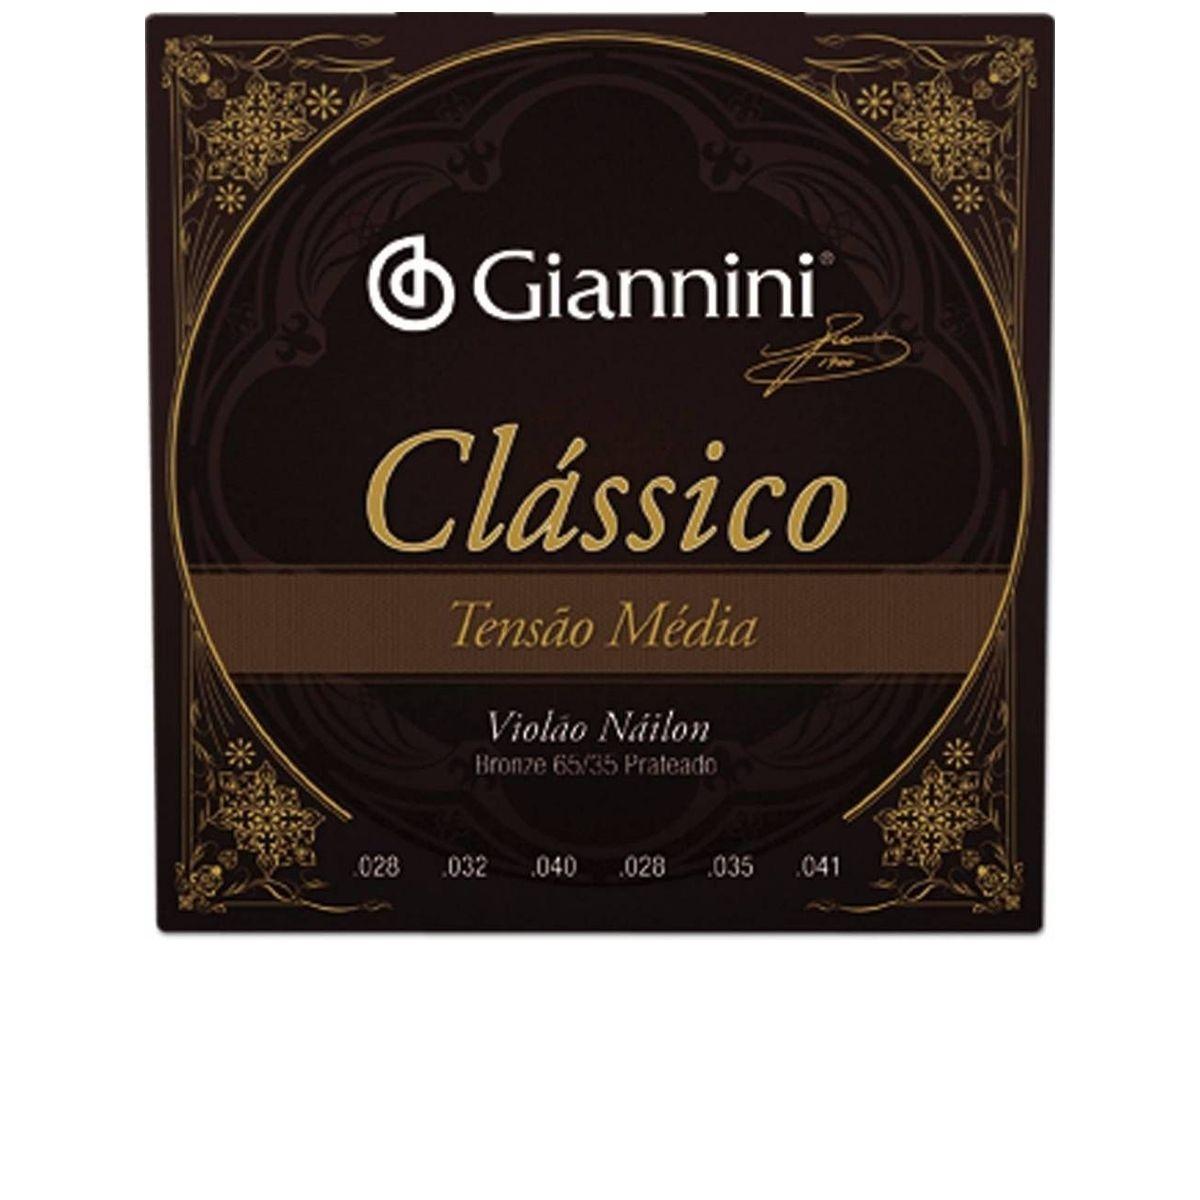 Encordoamento de Violão Nylon Giannini Clássico